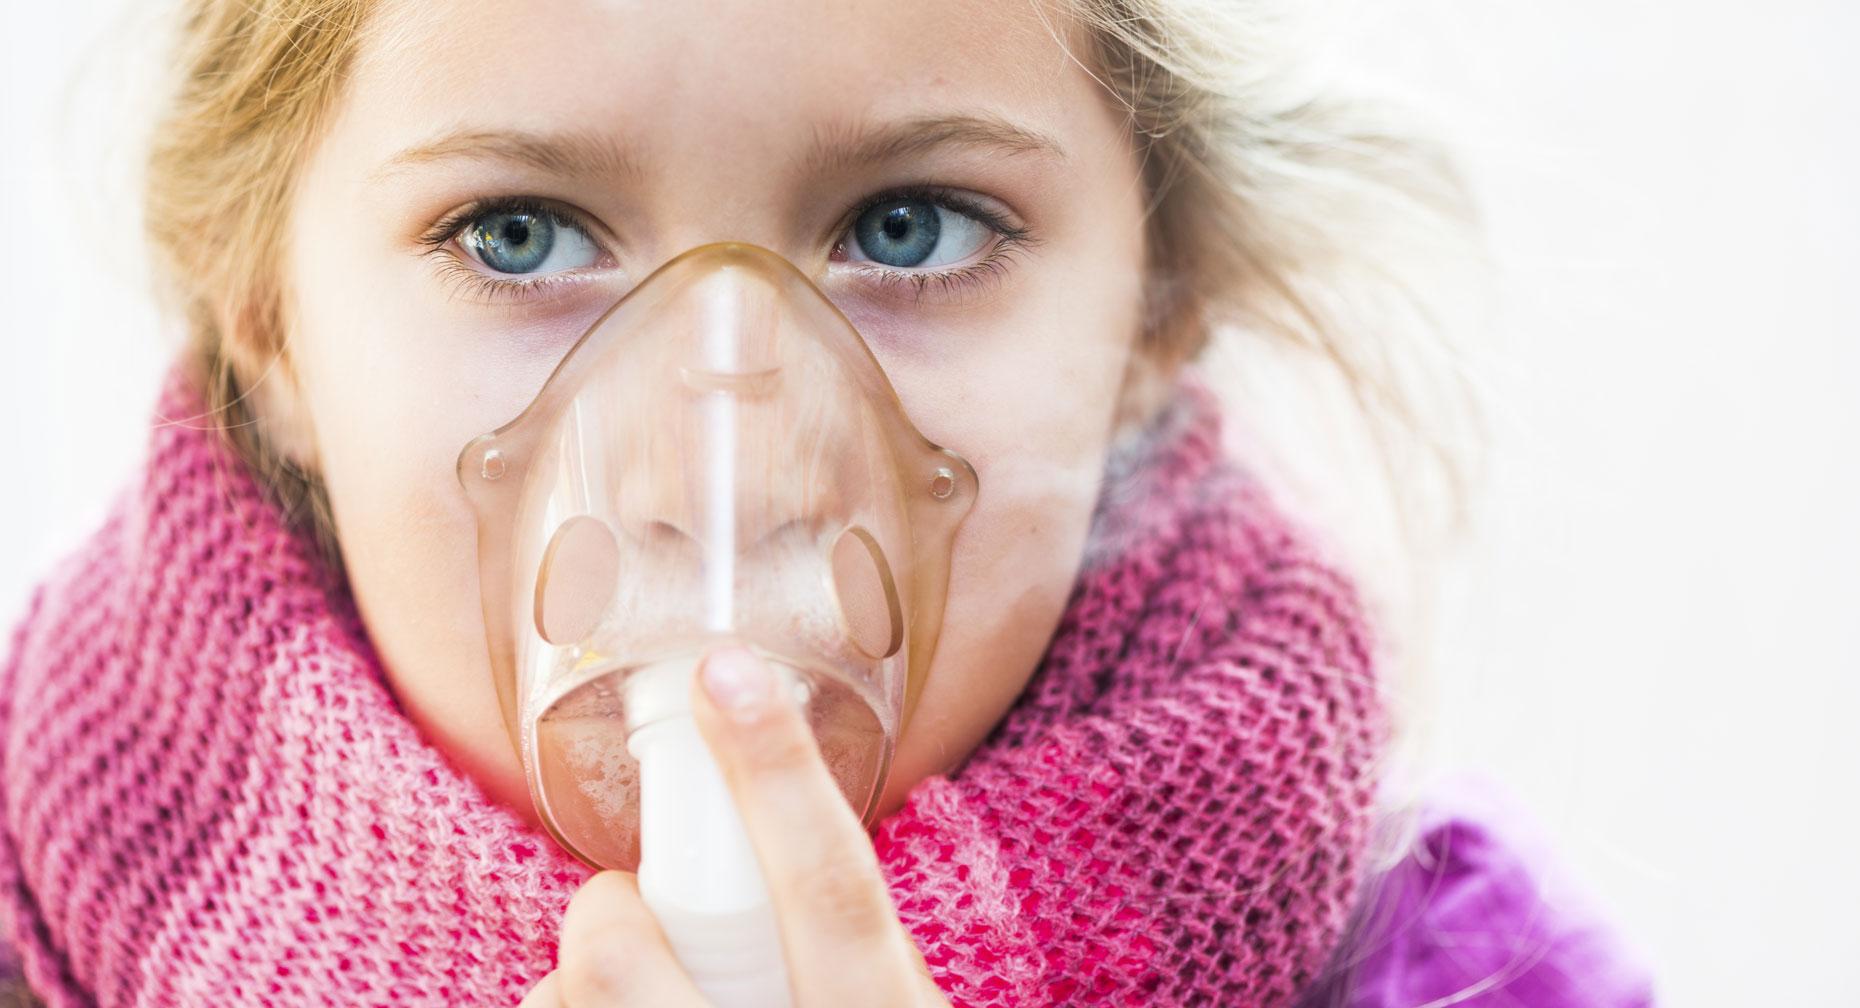 بیماری آسم و چگونگی برخورد با آن در منزل